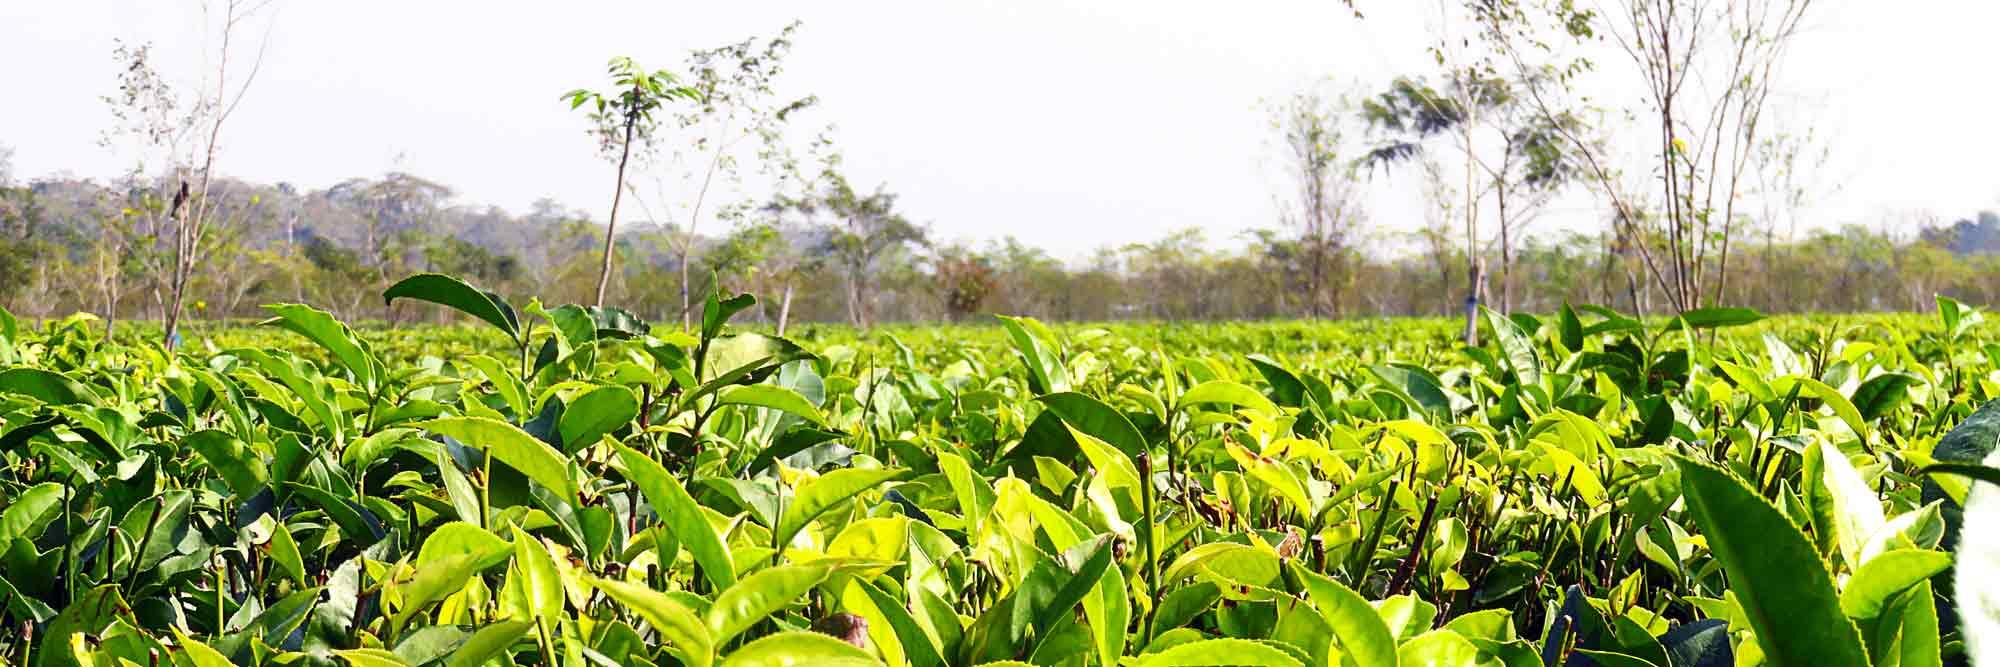 assam_tea-gardens_blog